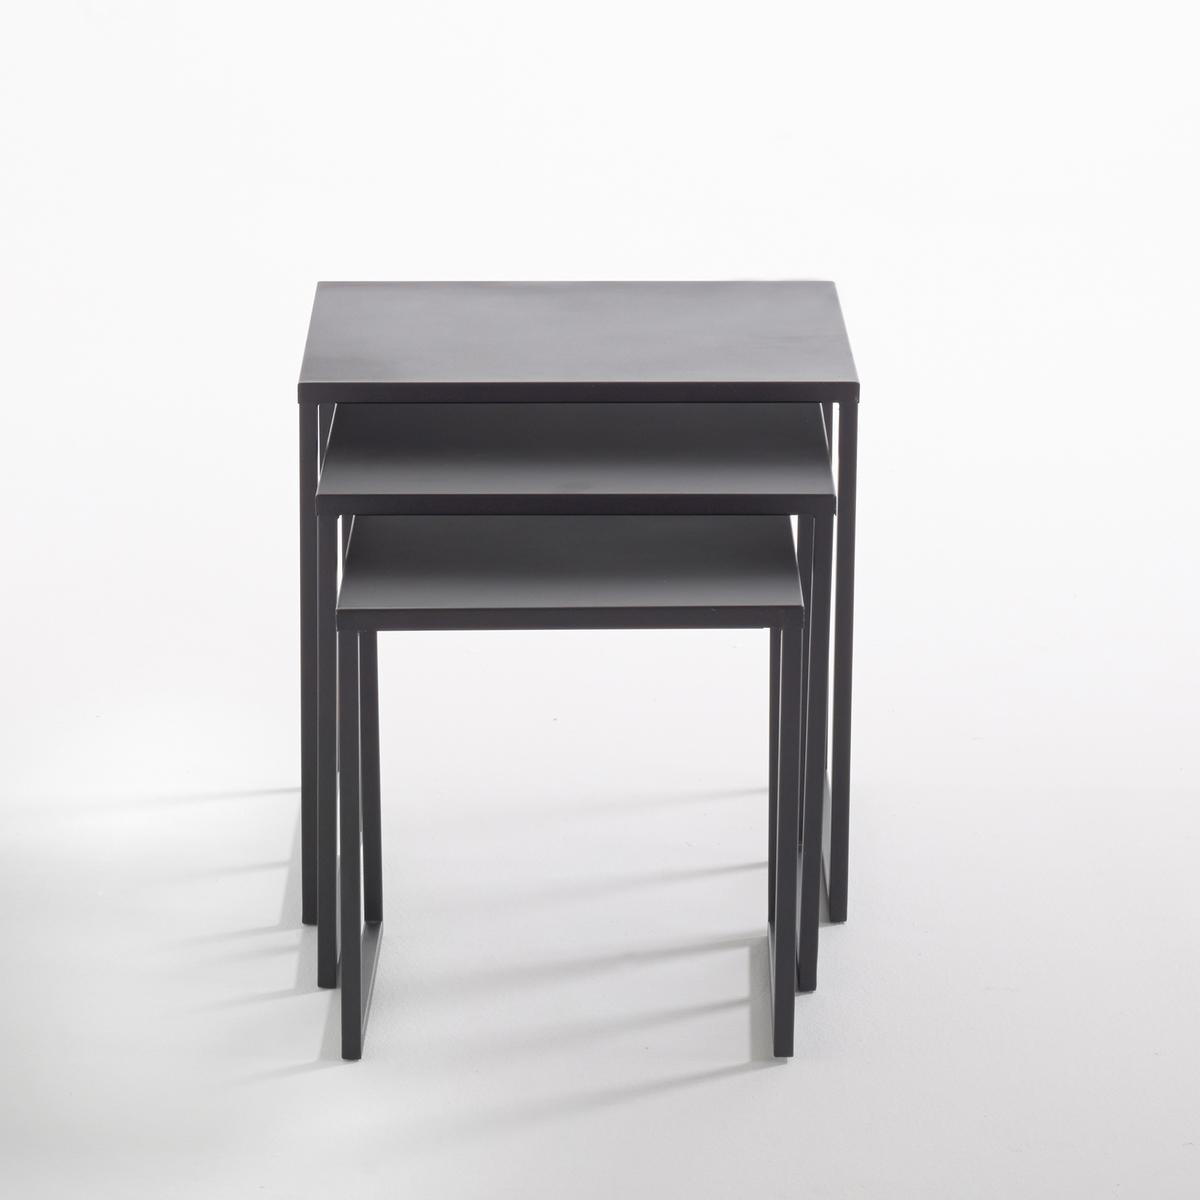 Комплект из 3 журнальных столиков, вдвигающихся один в другой, Hiba3 столика Hiba, вдвигающихся один в другой, из стали, покрытой матовым лаком черного цвета. Очень модный промышленный стиль, небольшие практичные журнальные столики можно использовать все вместе или по отдельности.Описание столиков Hiba, вдвигающихся один в другой, из лакированной стали :3 столика разных размеровХарактеристики столиков Hiba, вдвигающихся один в другой, из лакированной стали :Сталь, покрытая матовым эпоксидным лаком черного цветаДругие предметы мебели из коллекции Hiba вы можете найти на сайте laredoute.ruРазмеры столиков Hiba, вдвигающихся один в другой :Большой столик :Ширина : 45 смВысота : 45 смГлубина : 45 смСредний столик:Ширина : 40 смВысота : 40 смГлубина : 40 смМаленький столик :Ширина : 35 см.Высота : 35 смГлубина : 35 смРазмеры и вес упаковки :1 упаковкаШ.51 x В.50 x Г.51 см10 кгДоставка:Продается в собранном виде. Возможна доставка до двери при предварительной договоренности!<br><br>Цвет: черный